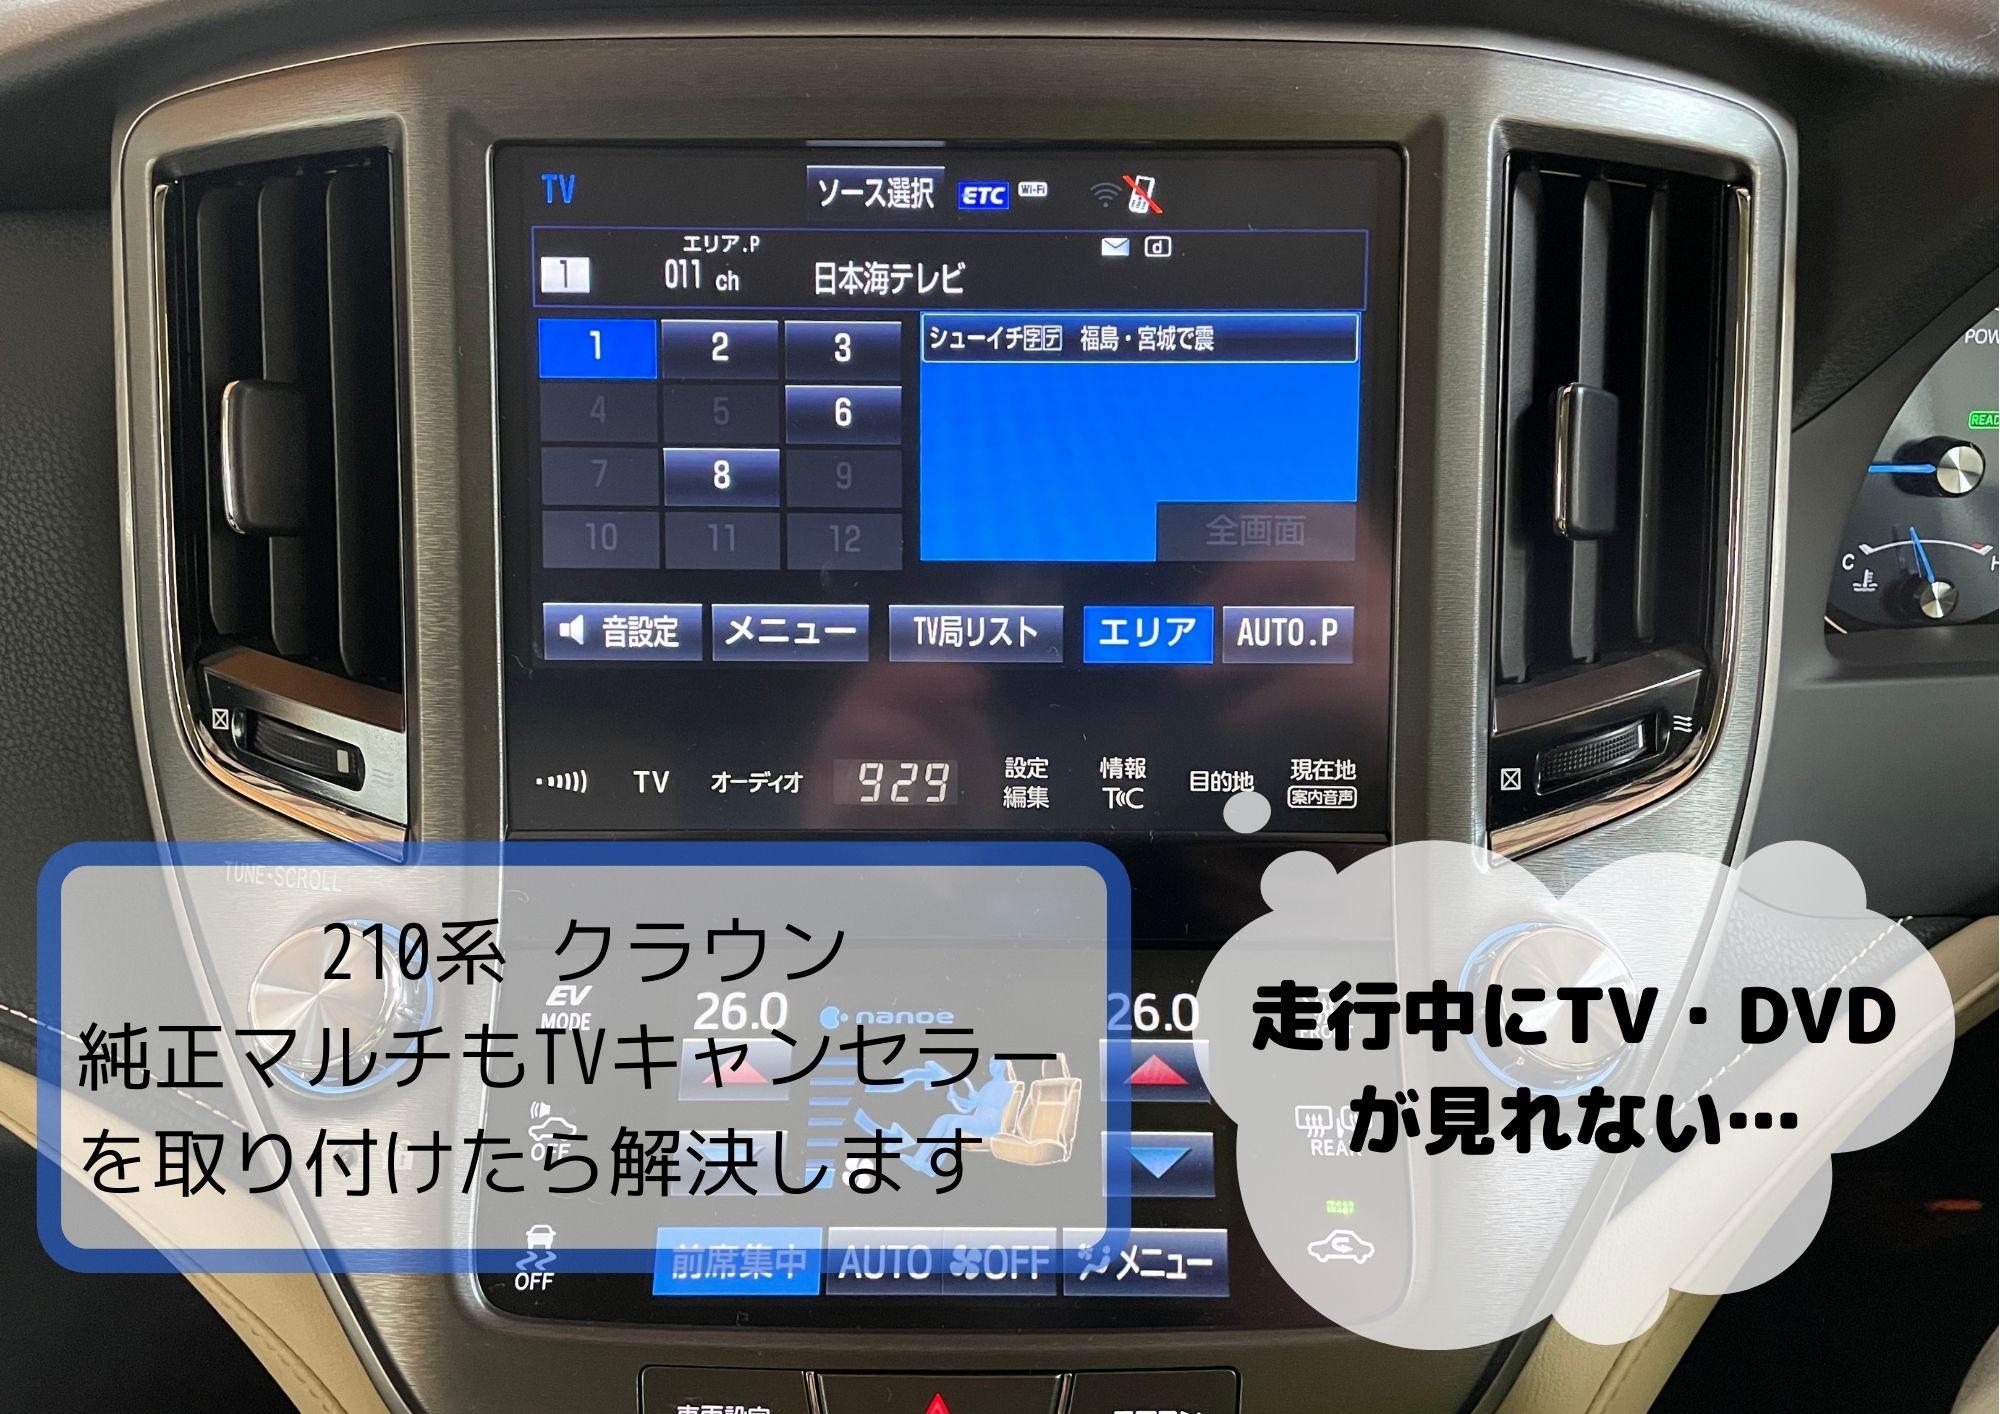 210クラウン TVキャンセラー取り付けて走行中視聴可に!